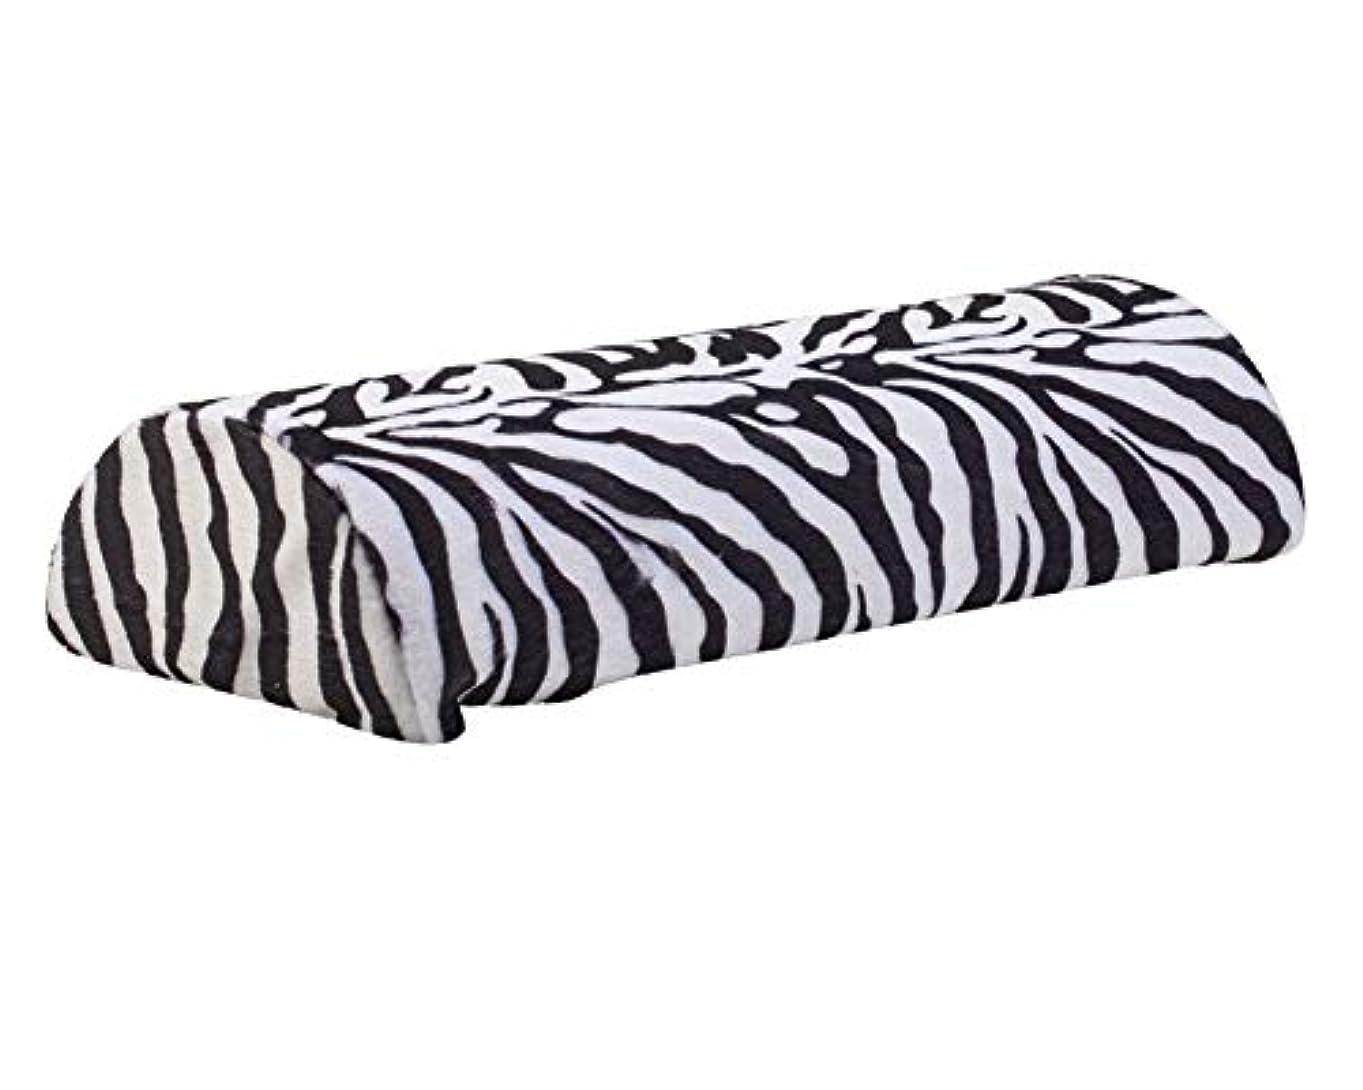 無駄旅行軍団マニキュアとネイルアートデザインアプリケーションのための素晴らしい品質のプロフェッショナルサロンツールアクセサリーソフト枕/黒と白色のシマウマパターンでハンドレスト